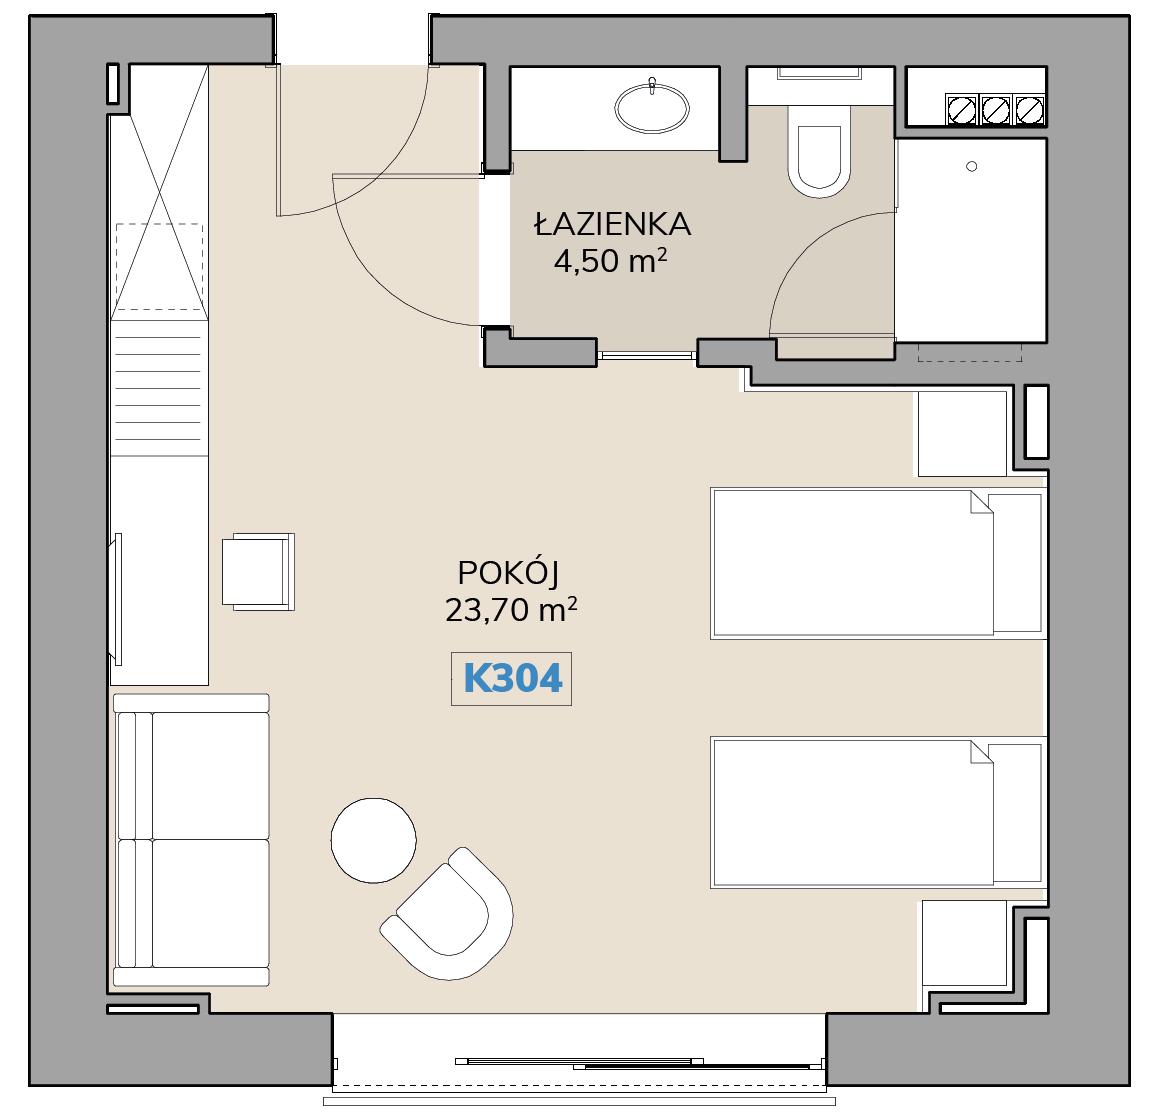 Apartament K304